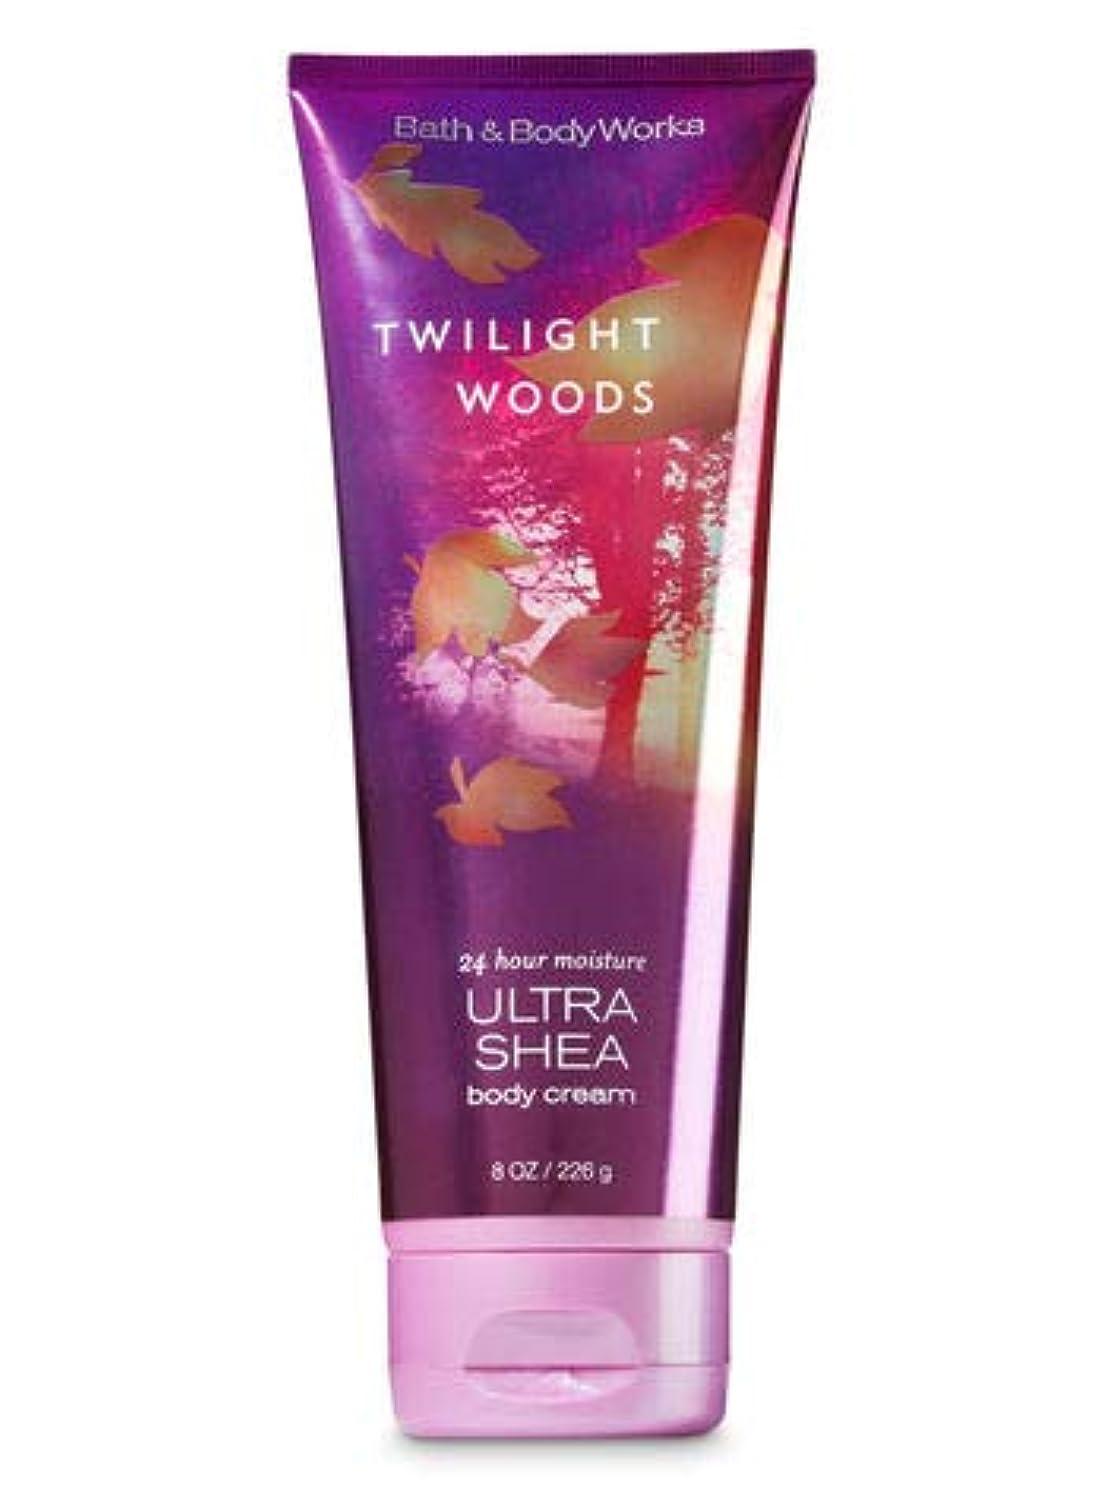 メアリアンジョーンズ狂うディプロマ【Bath&Body Works/バス&ボディワークス】 ボディクリーム トワイライトウッズ Ultra Shea Body Cream Twilight Woods 8 oz / 226 g [並行輸入品]